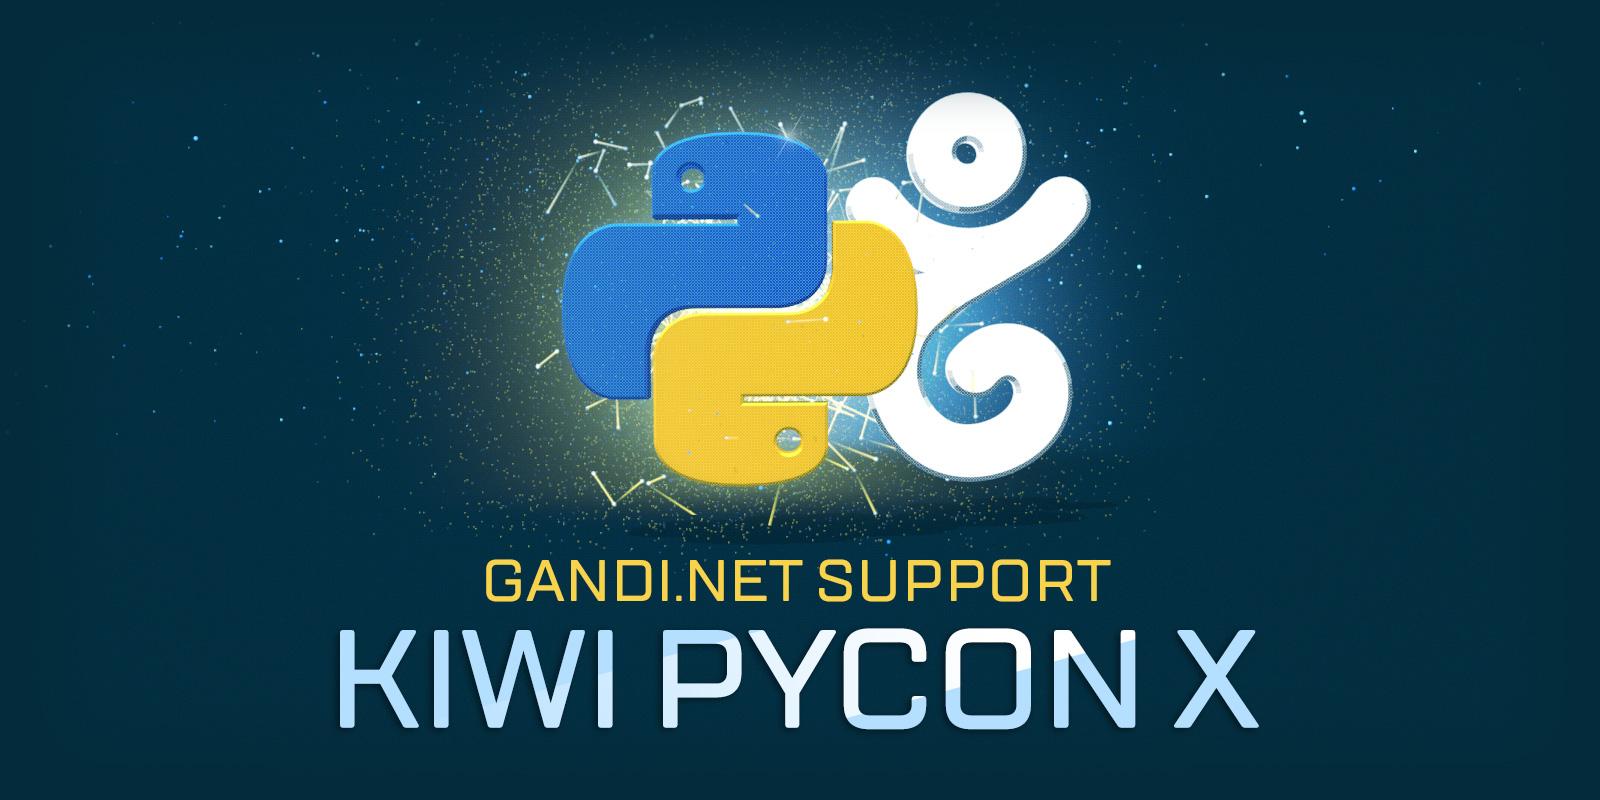 ¡Kiwi PyCon X cuenta con el apoyo de Gandi!